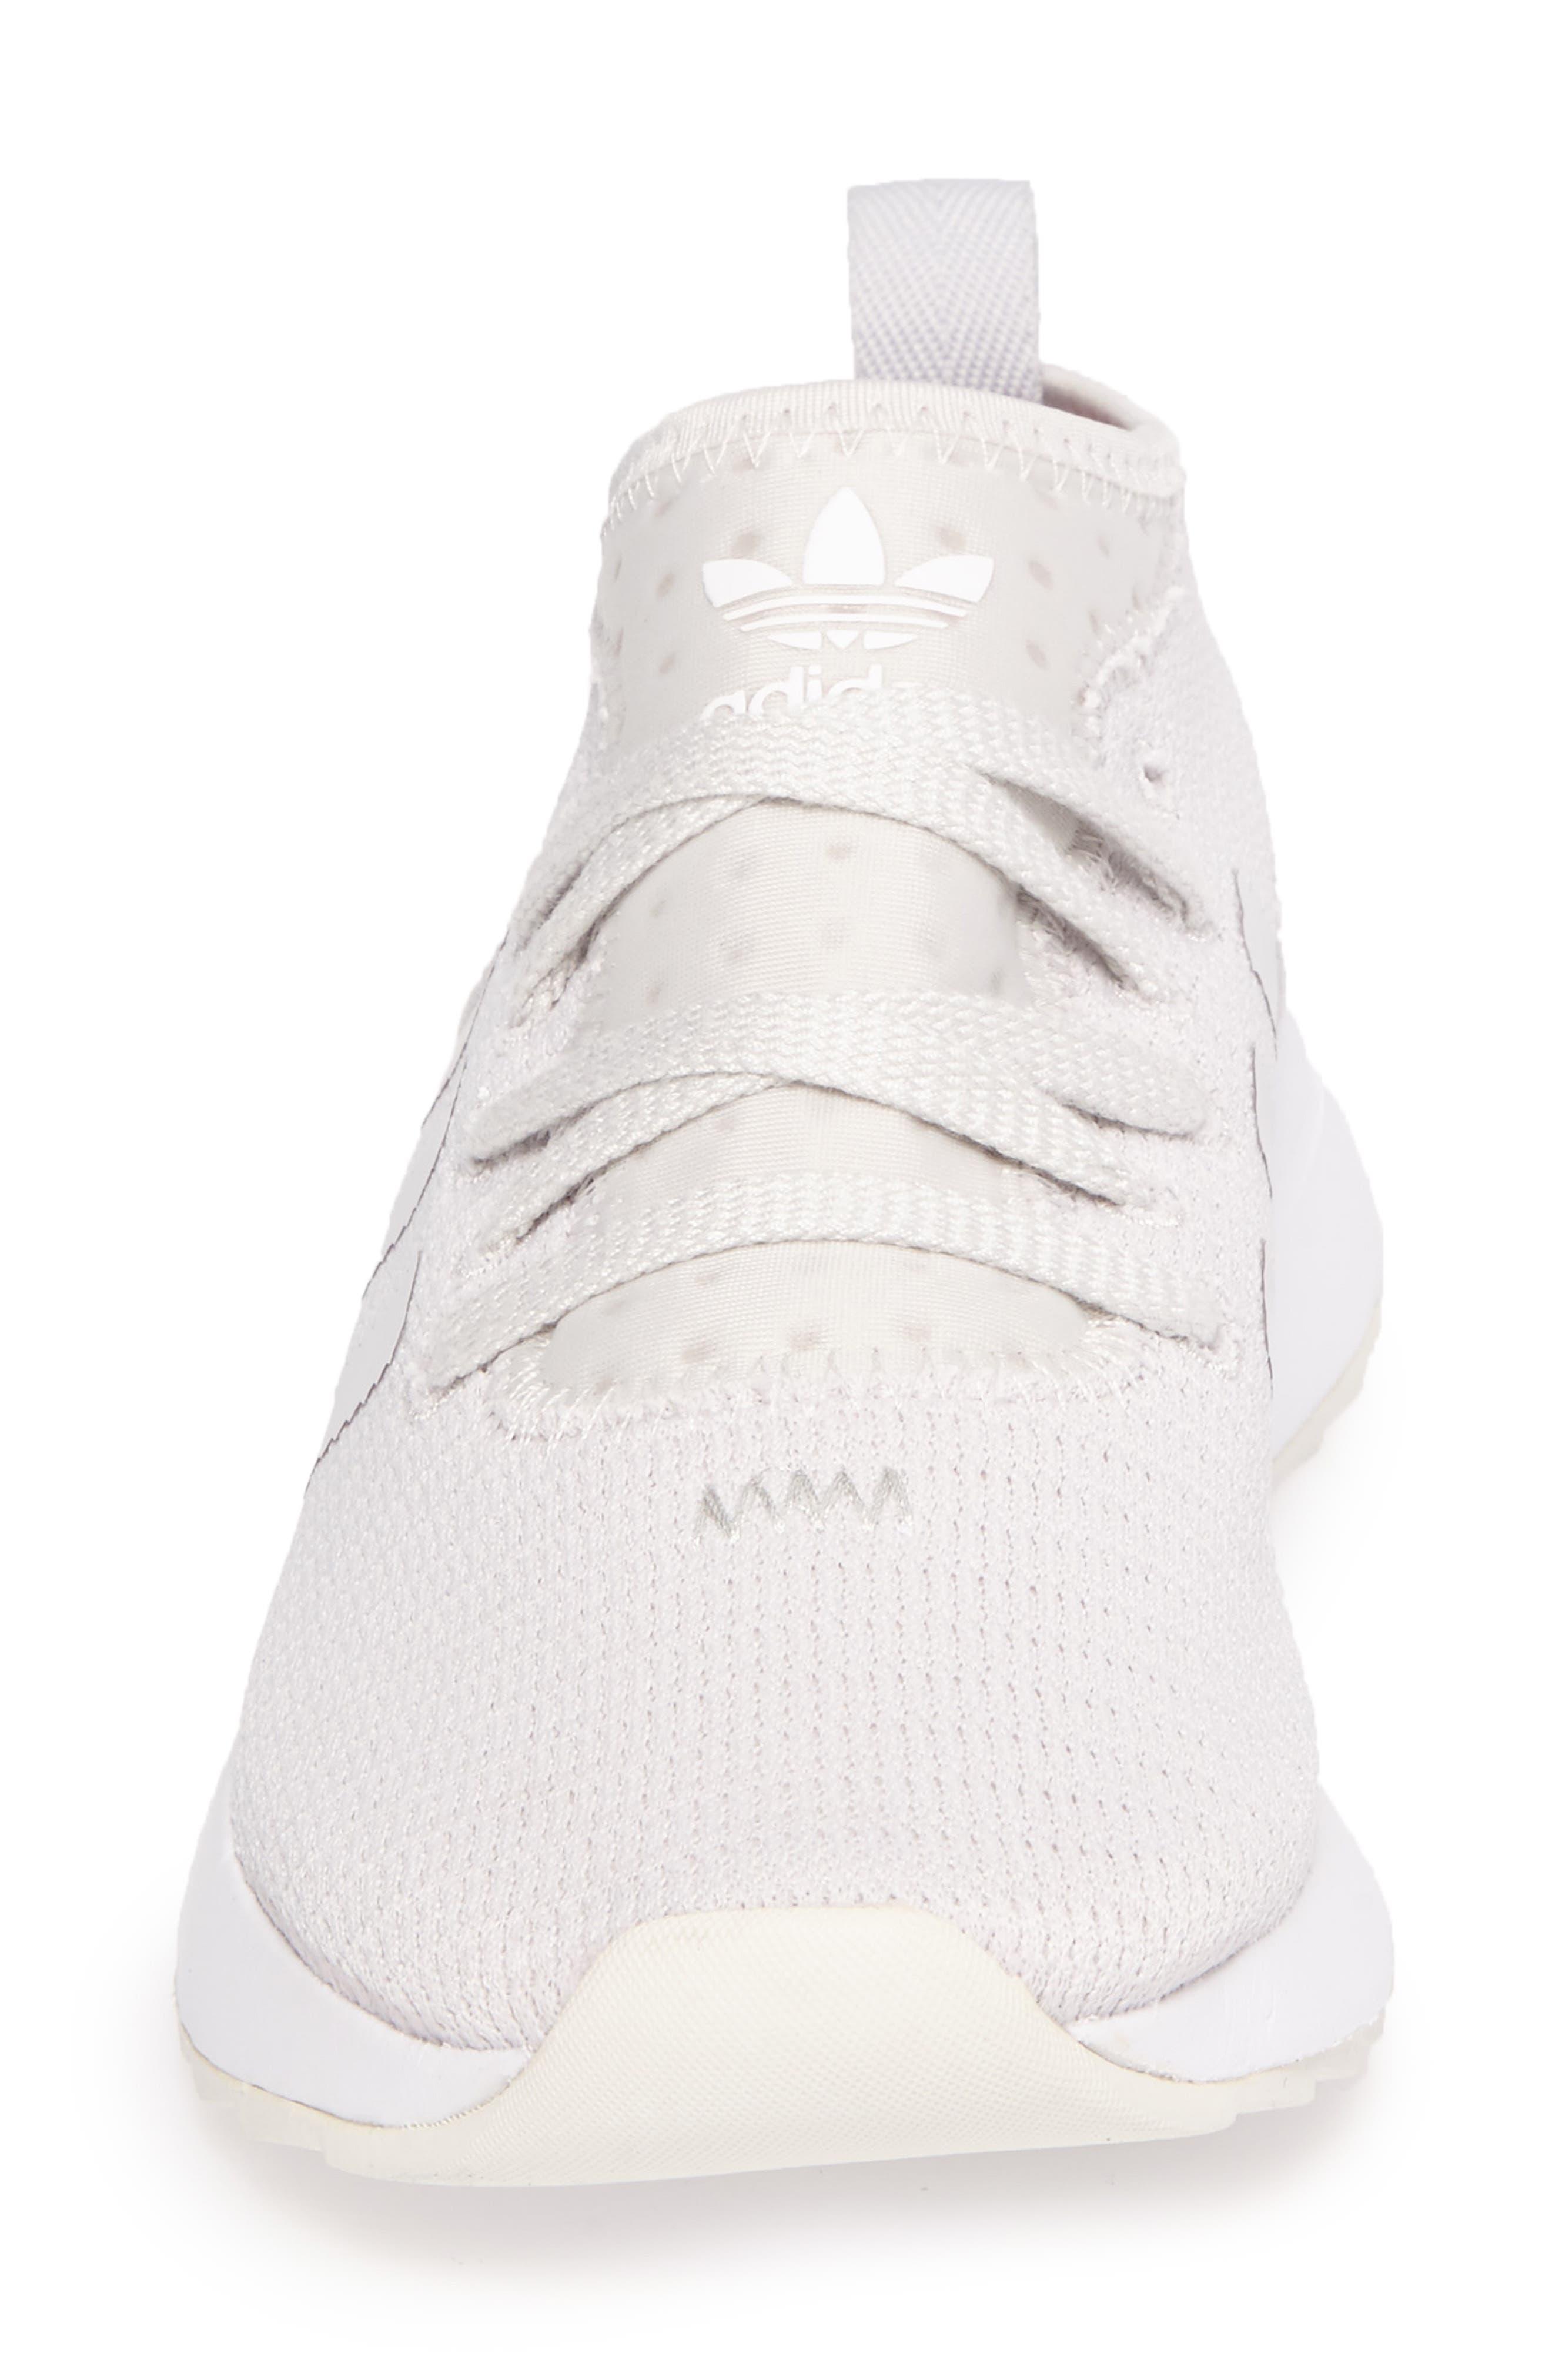 Flashback Winter Sneaker,                             Alternate thumbnail 4, color,                             Grey/ White